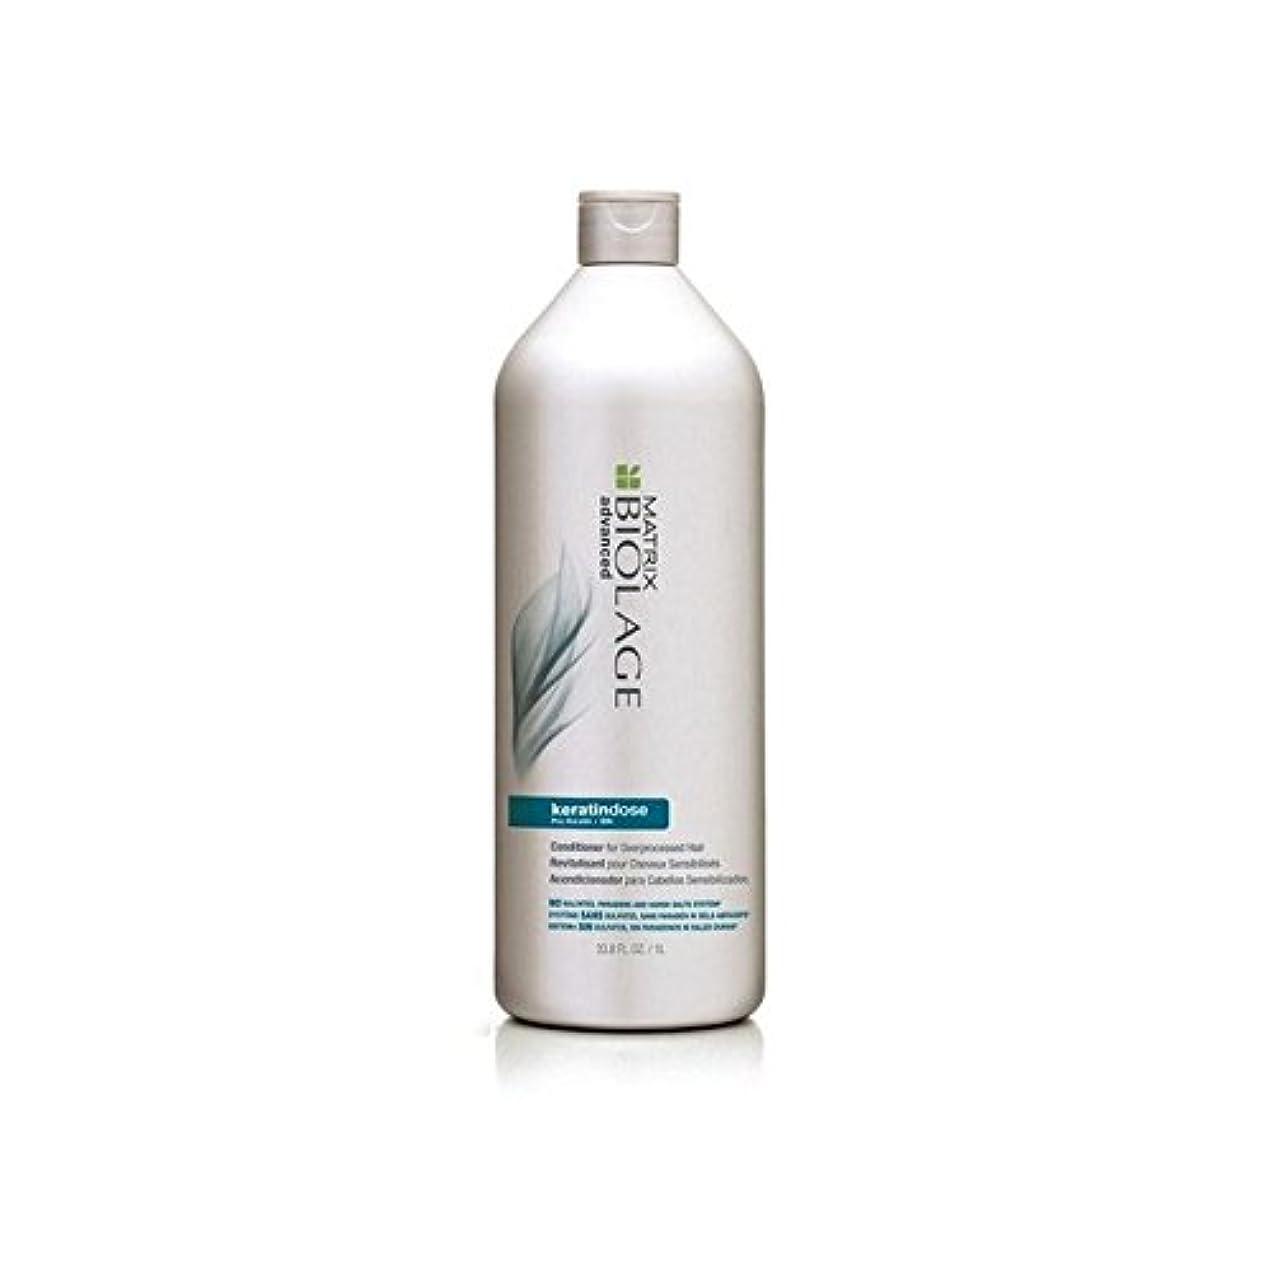 道徳のオーク浮くマトリックスバイオレイジコンディショナー(千ミリリットル) x2 - Matrix Biolage Keratindose Conditioner (1000ml) (Pack of 2) [並行輸入品]